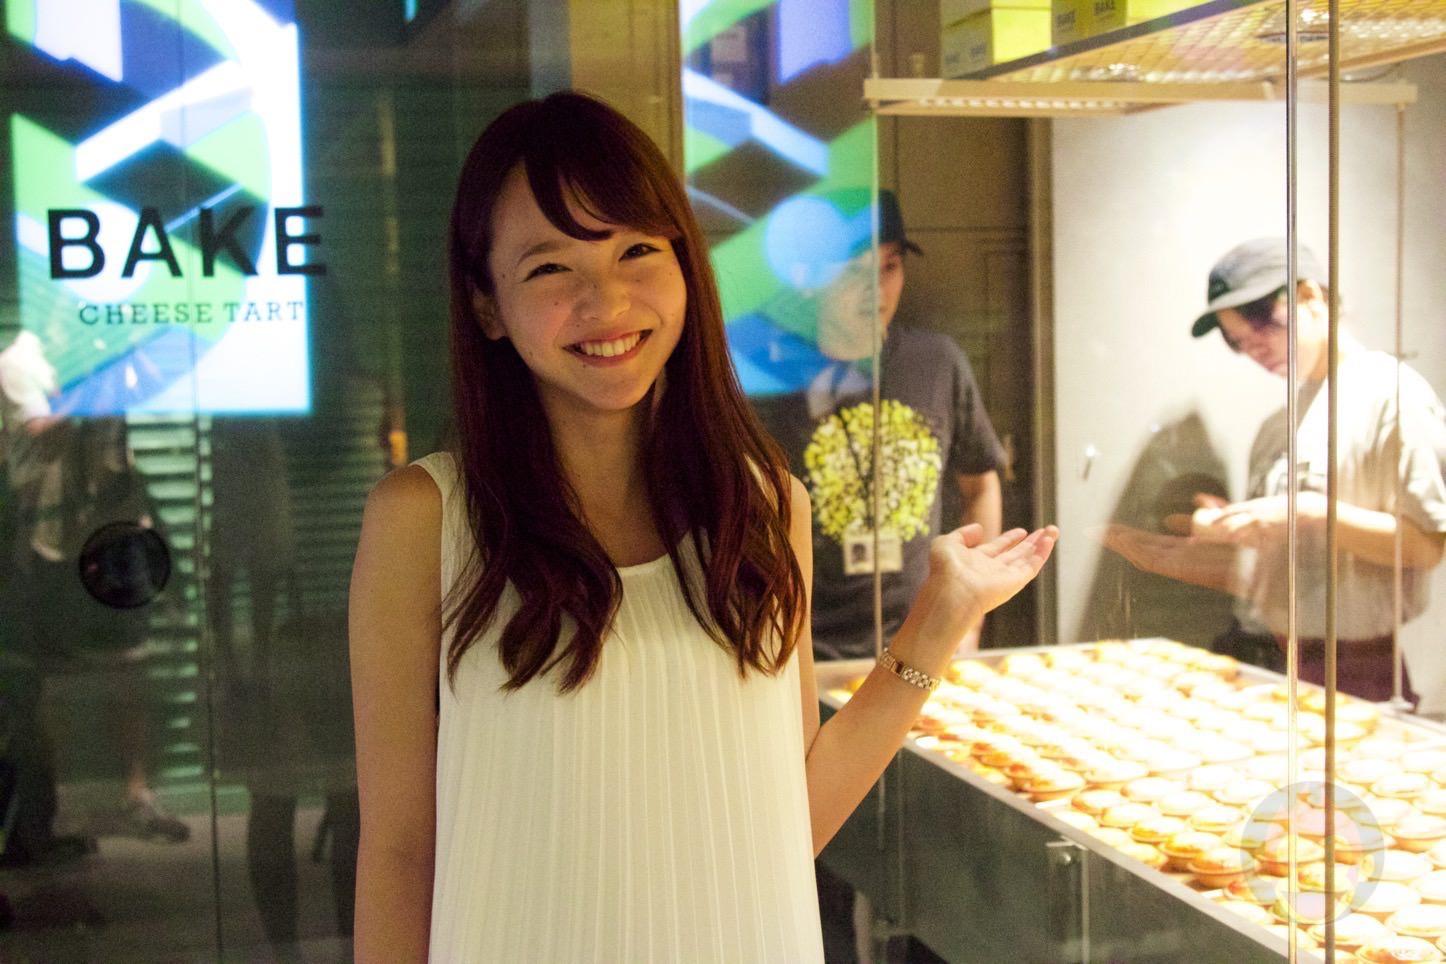 BAKE-CHEESE-TART-IKSPIARI-03.jpg